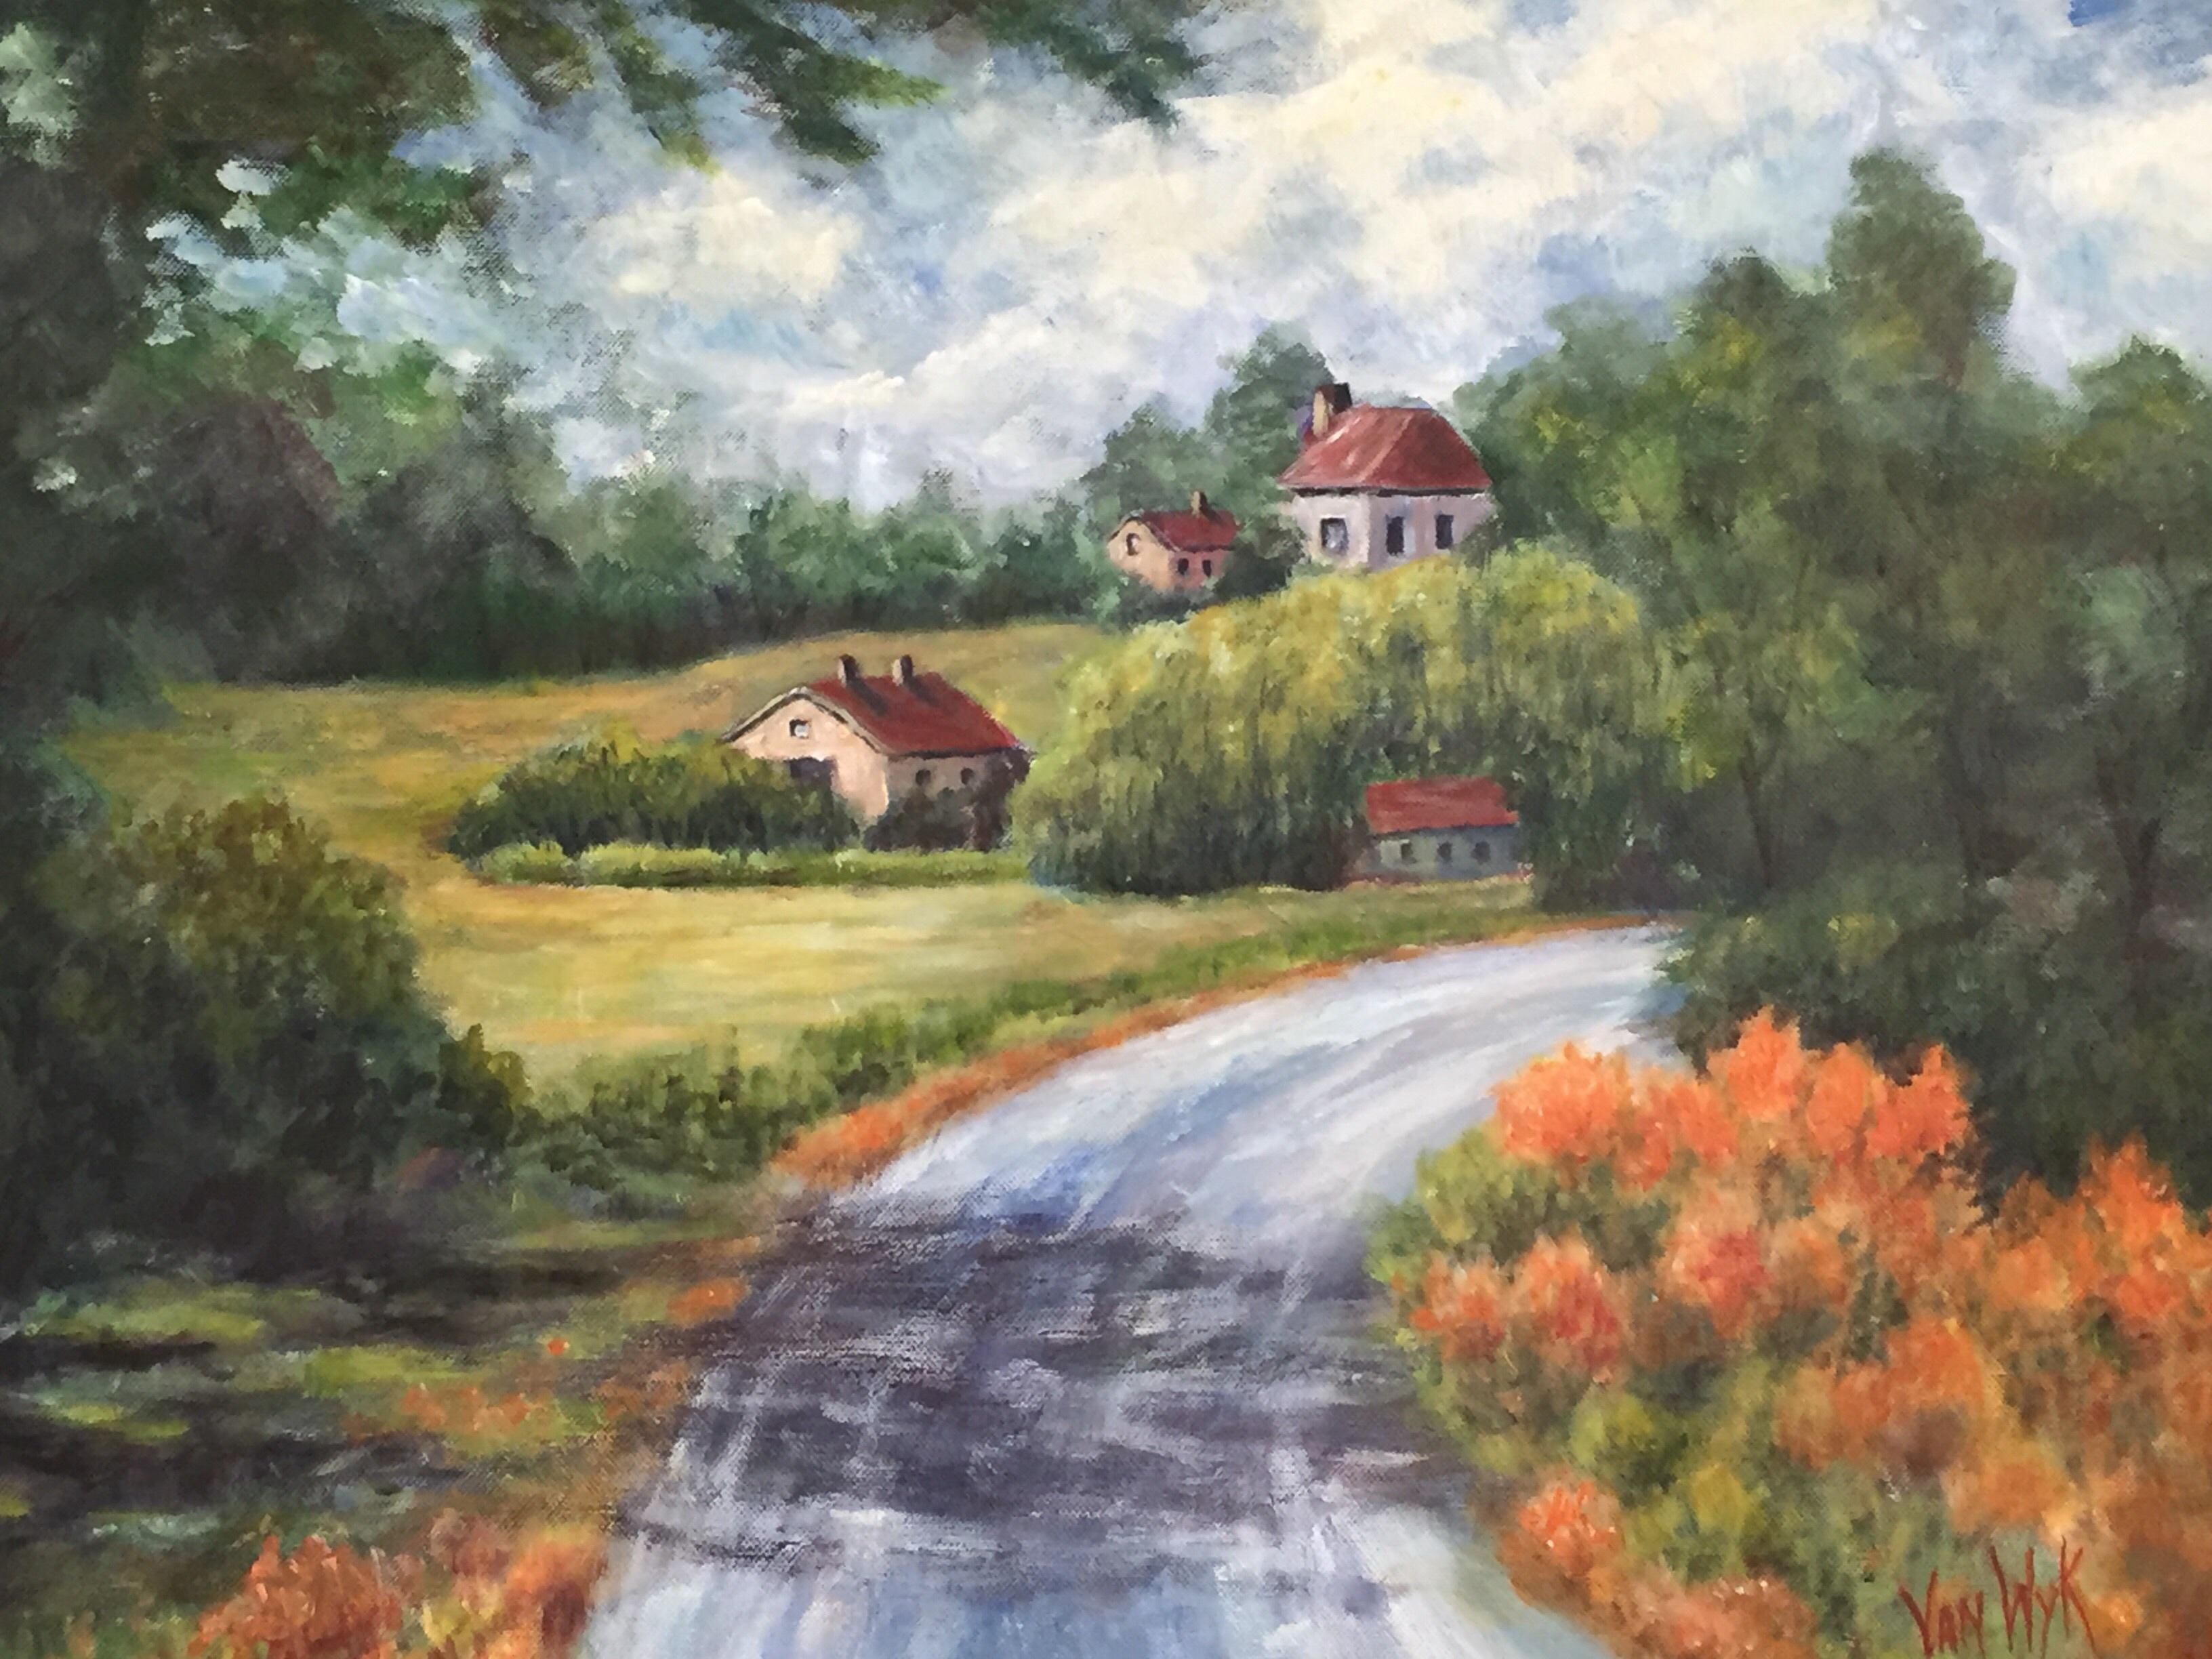 Julie Van Wyk Artwork The Road Home Original Painting